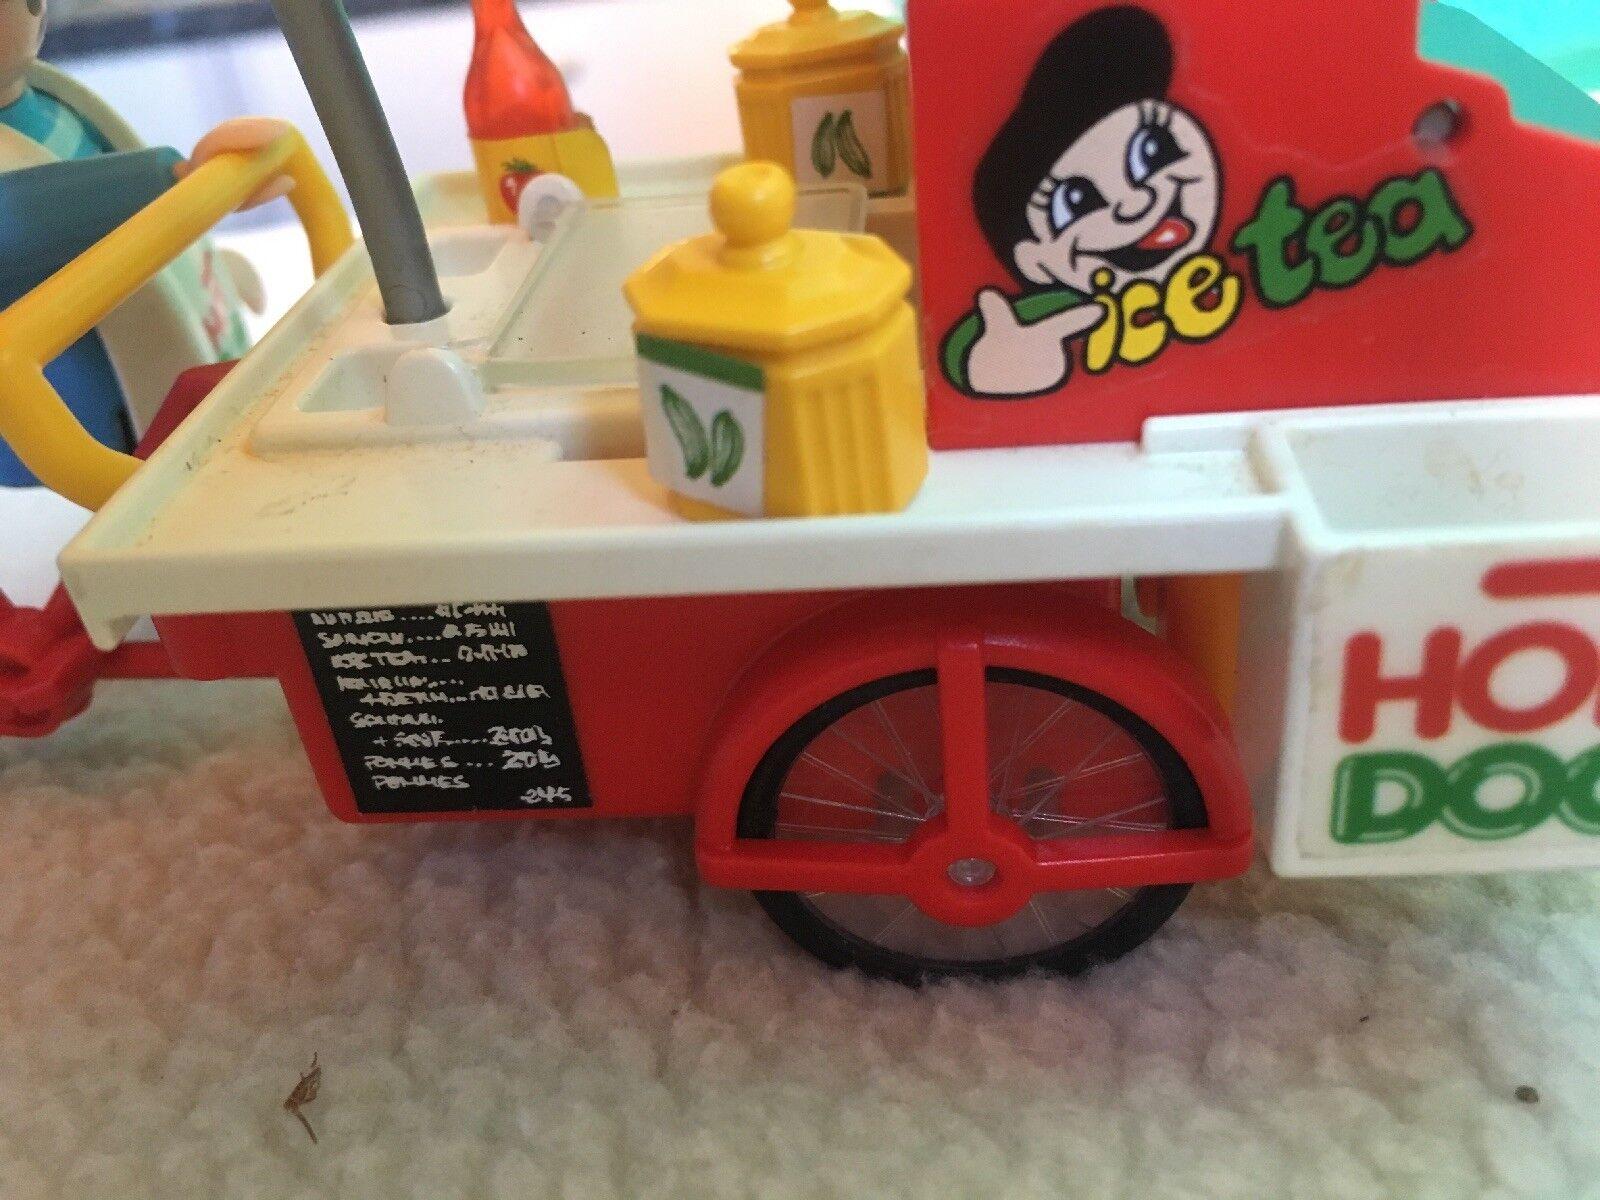 PLAYMOBIL 1996 Hot Dog Stand Cart Vender Vender Vender Seller Vintage Model 3848 + Accessories c939fb